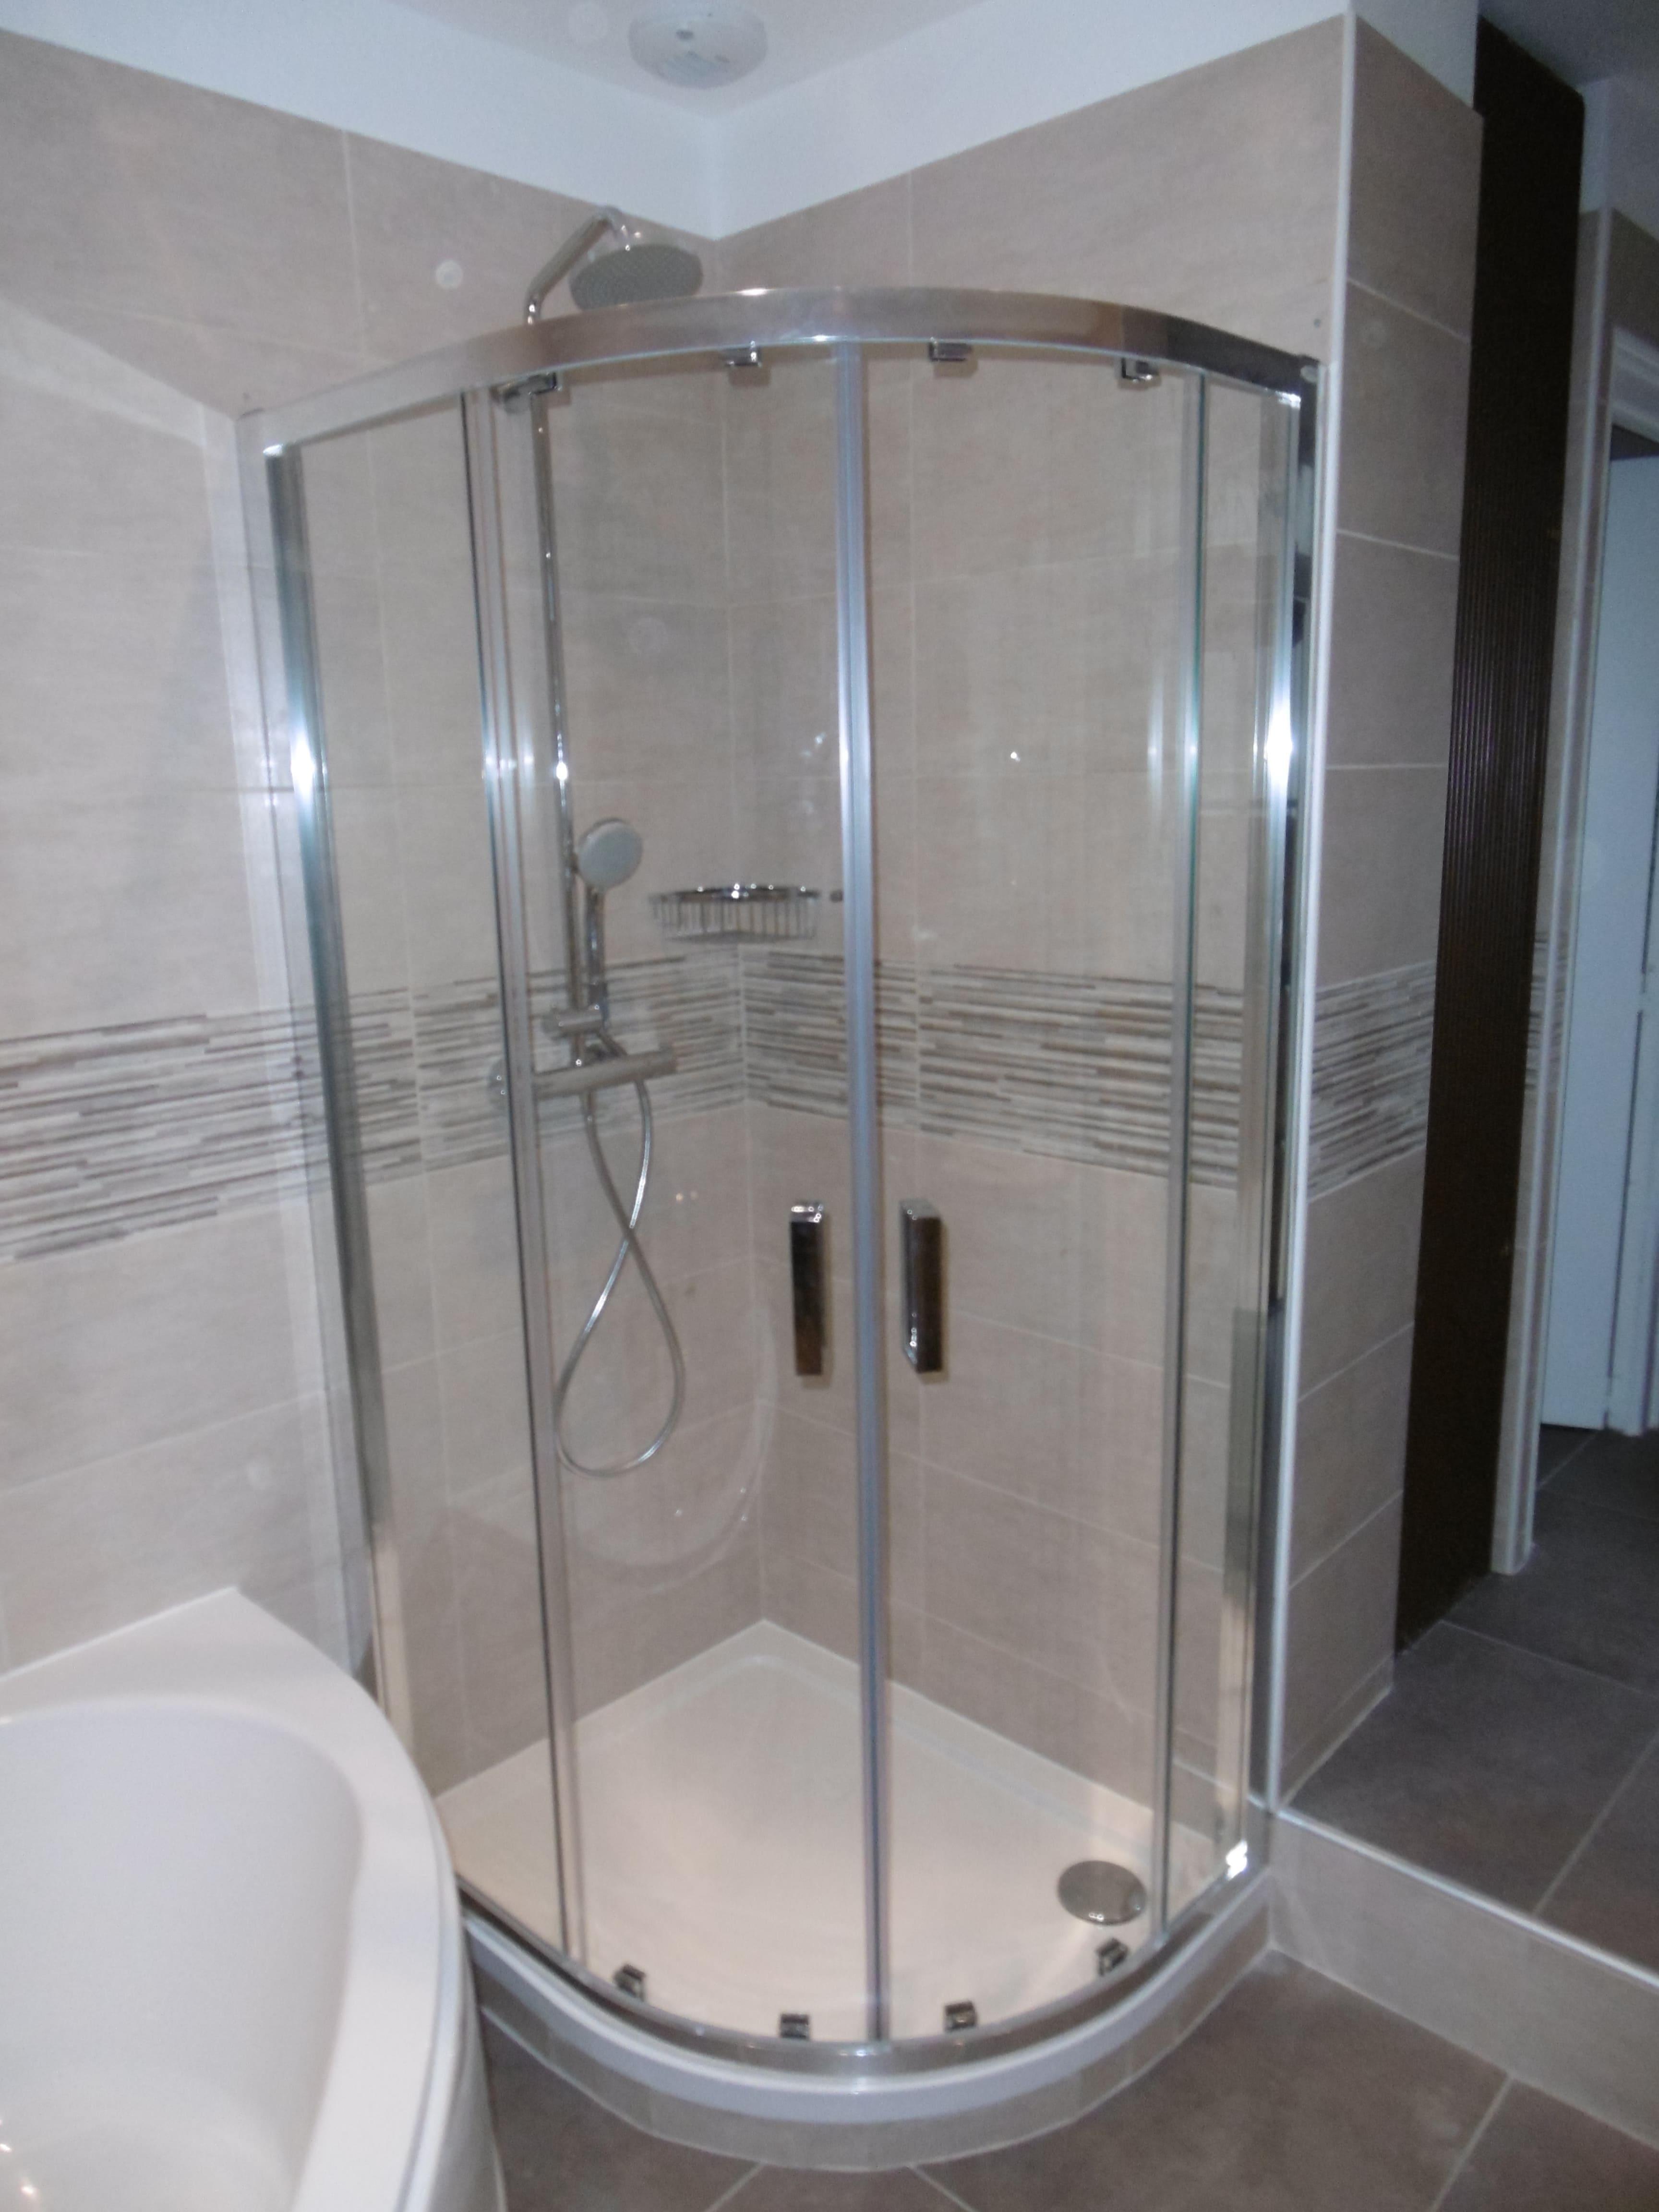 Travaux de rénovation d'une salle de bain complète clef en main à Pont l'Evêque - 14130